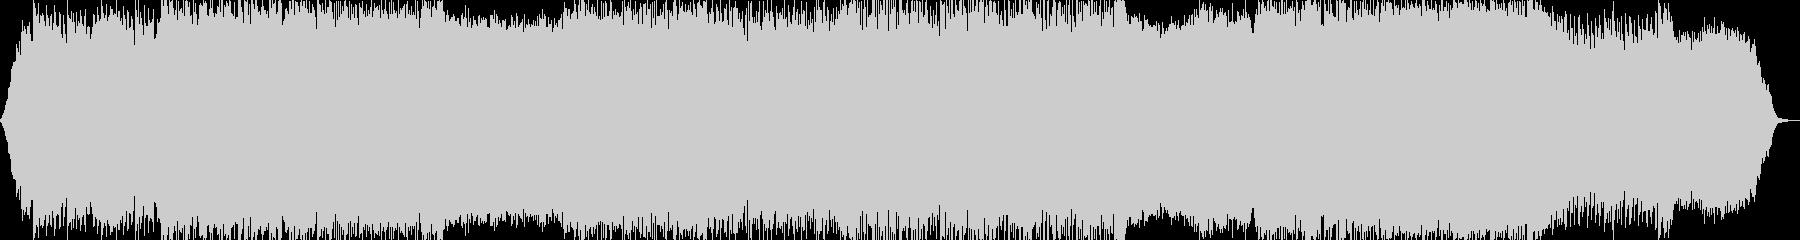 ダークファンタジーオーケストラ戦闘曲47の未再生の波形